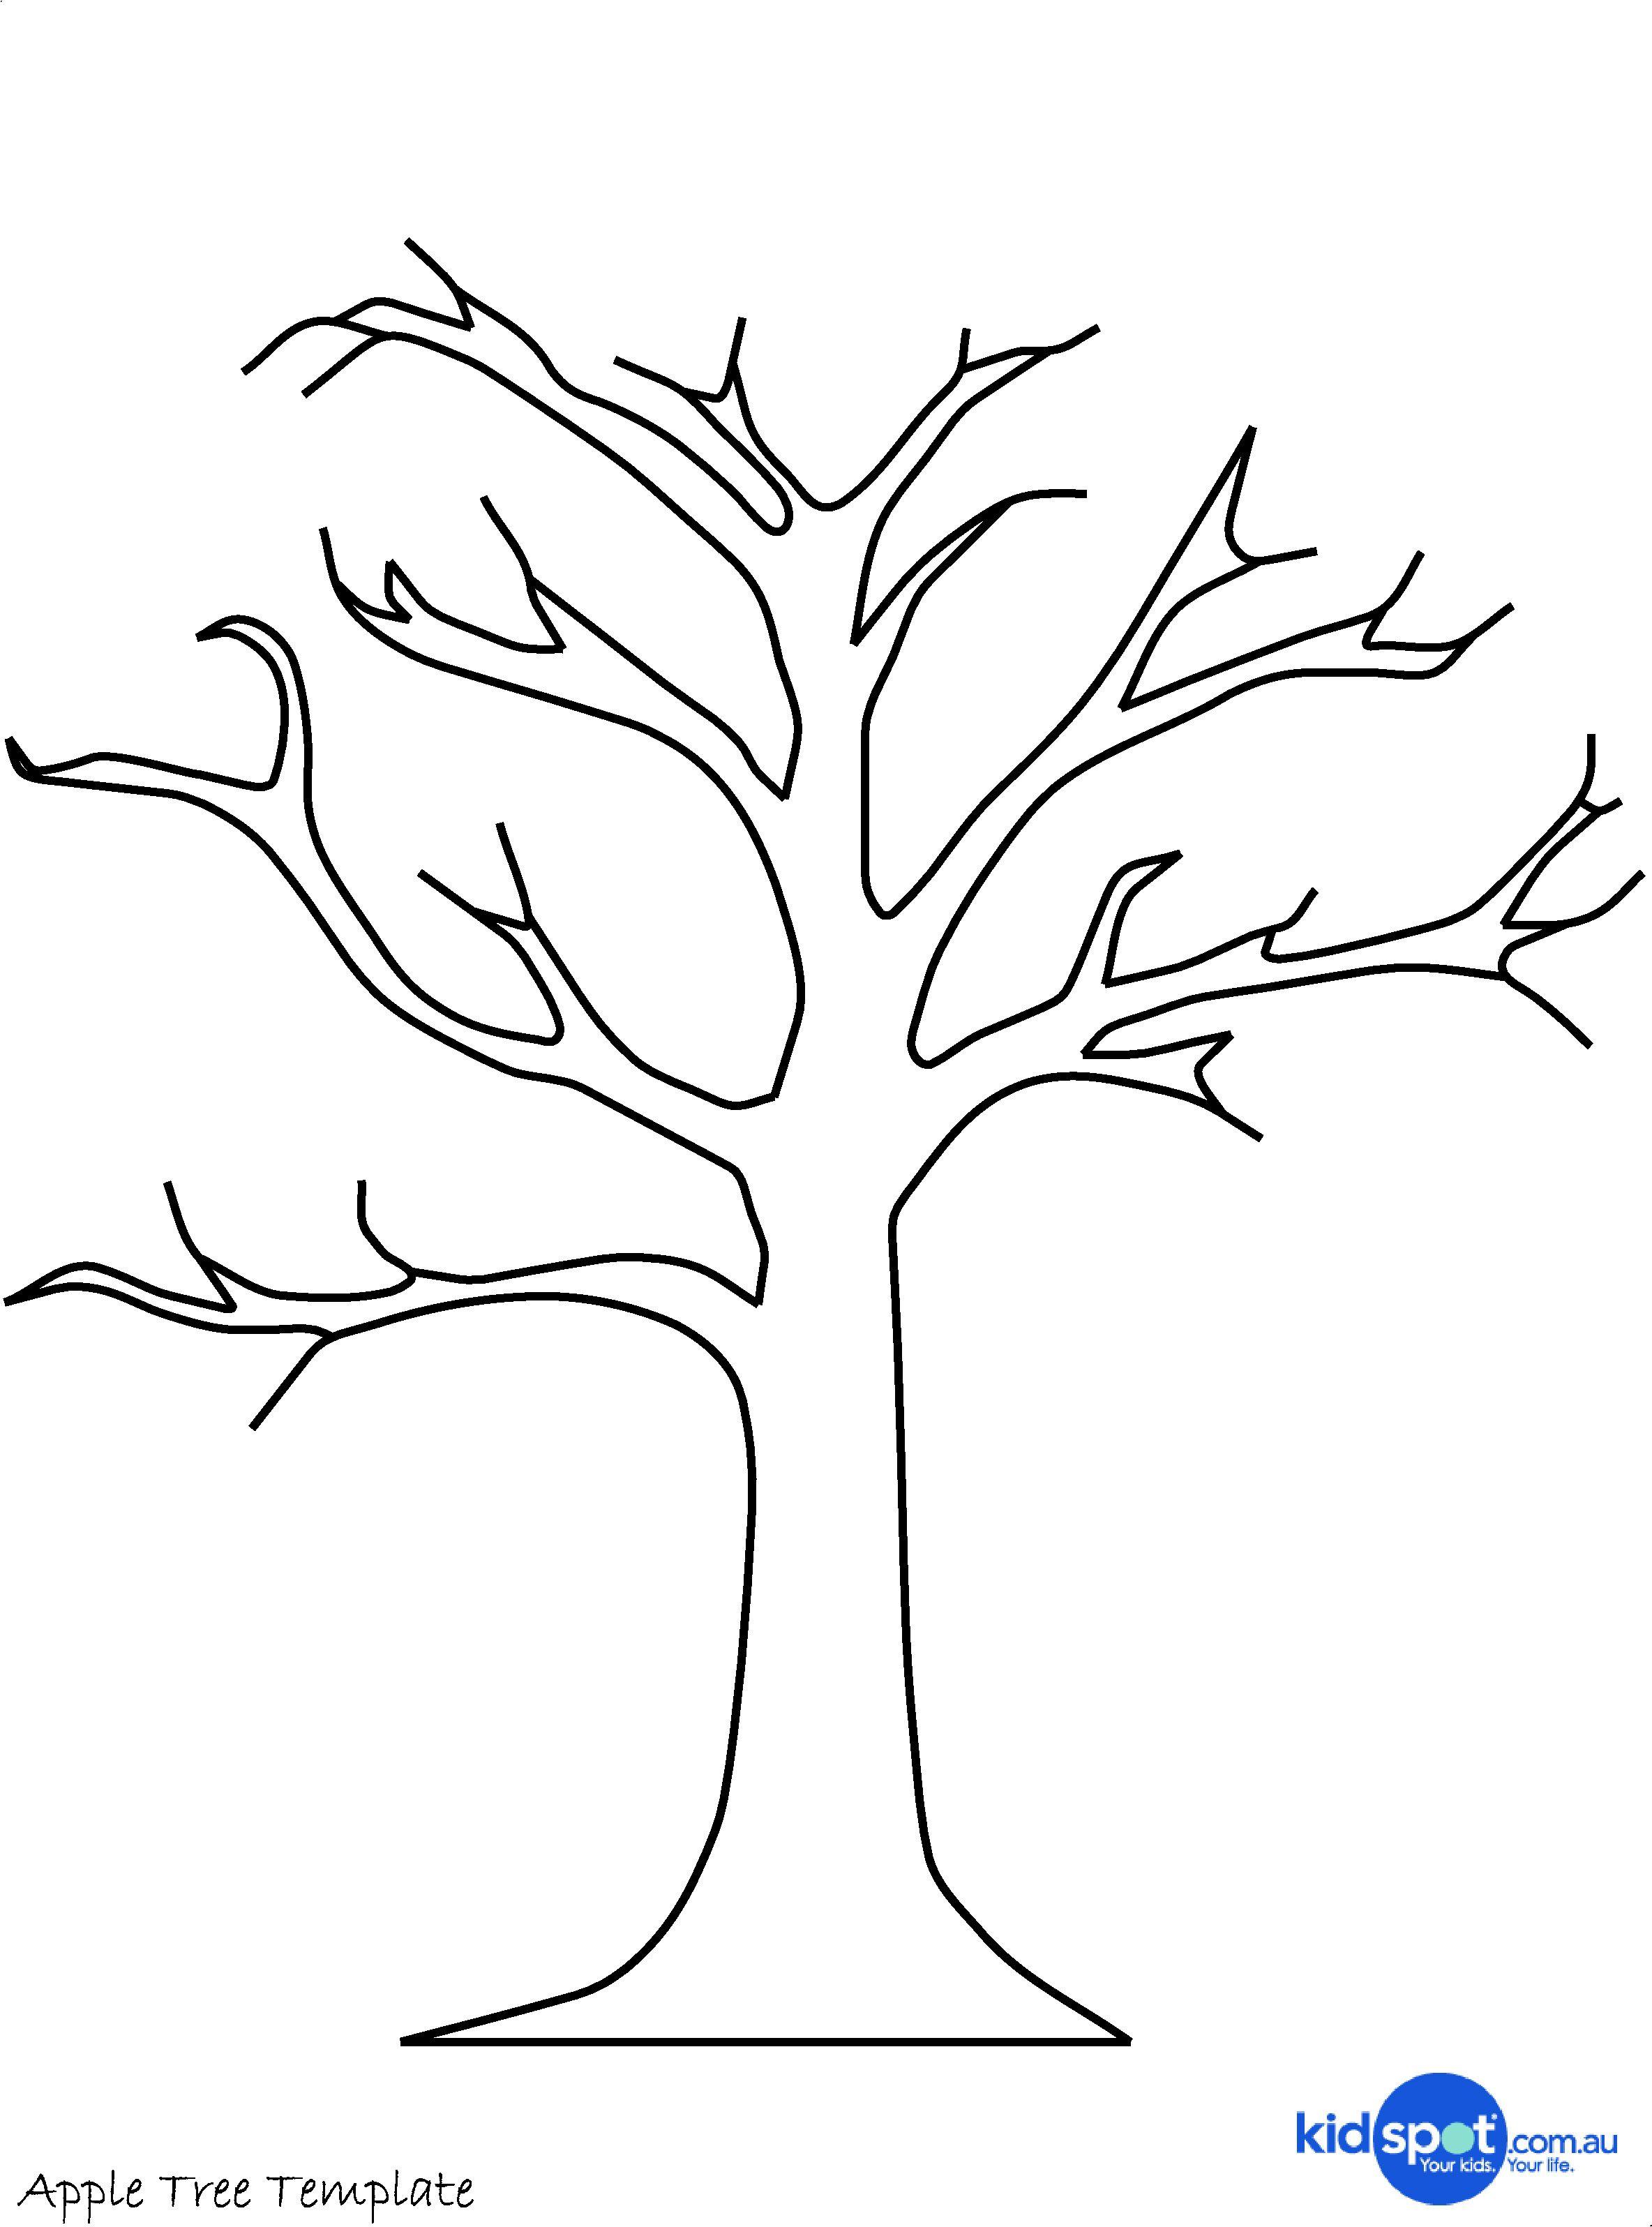 Tree Craft: Cork Stamp Apple Tree   Clip Art   Tree Templates, Tree - Free Printable Tree Template